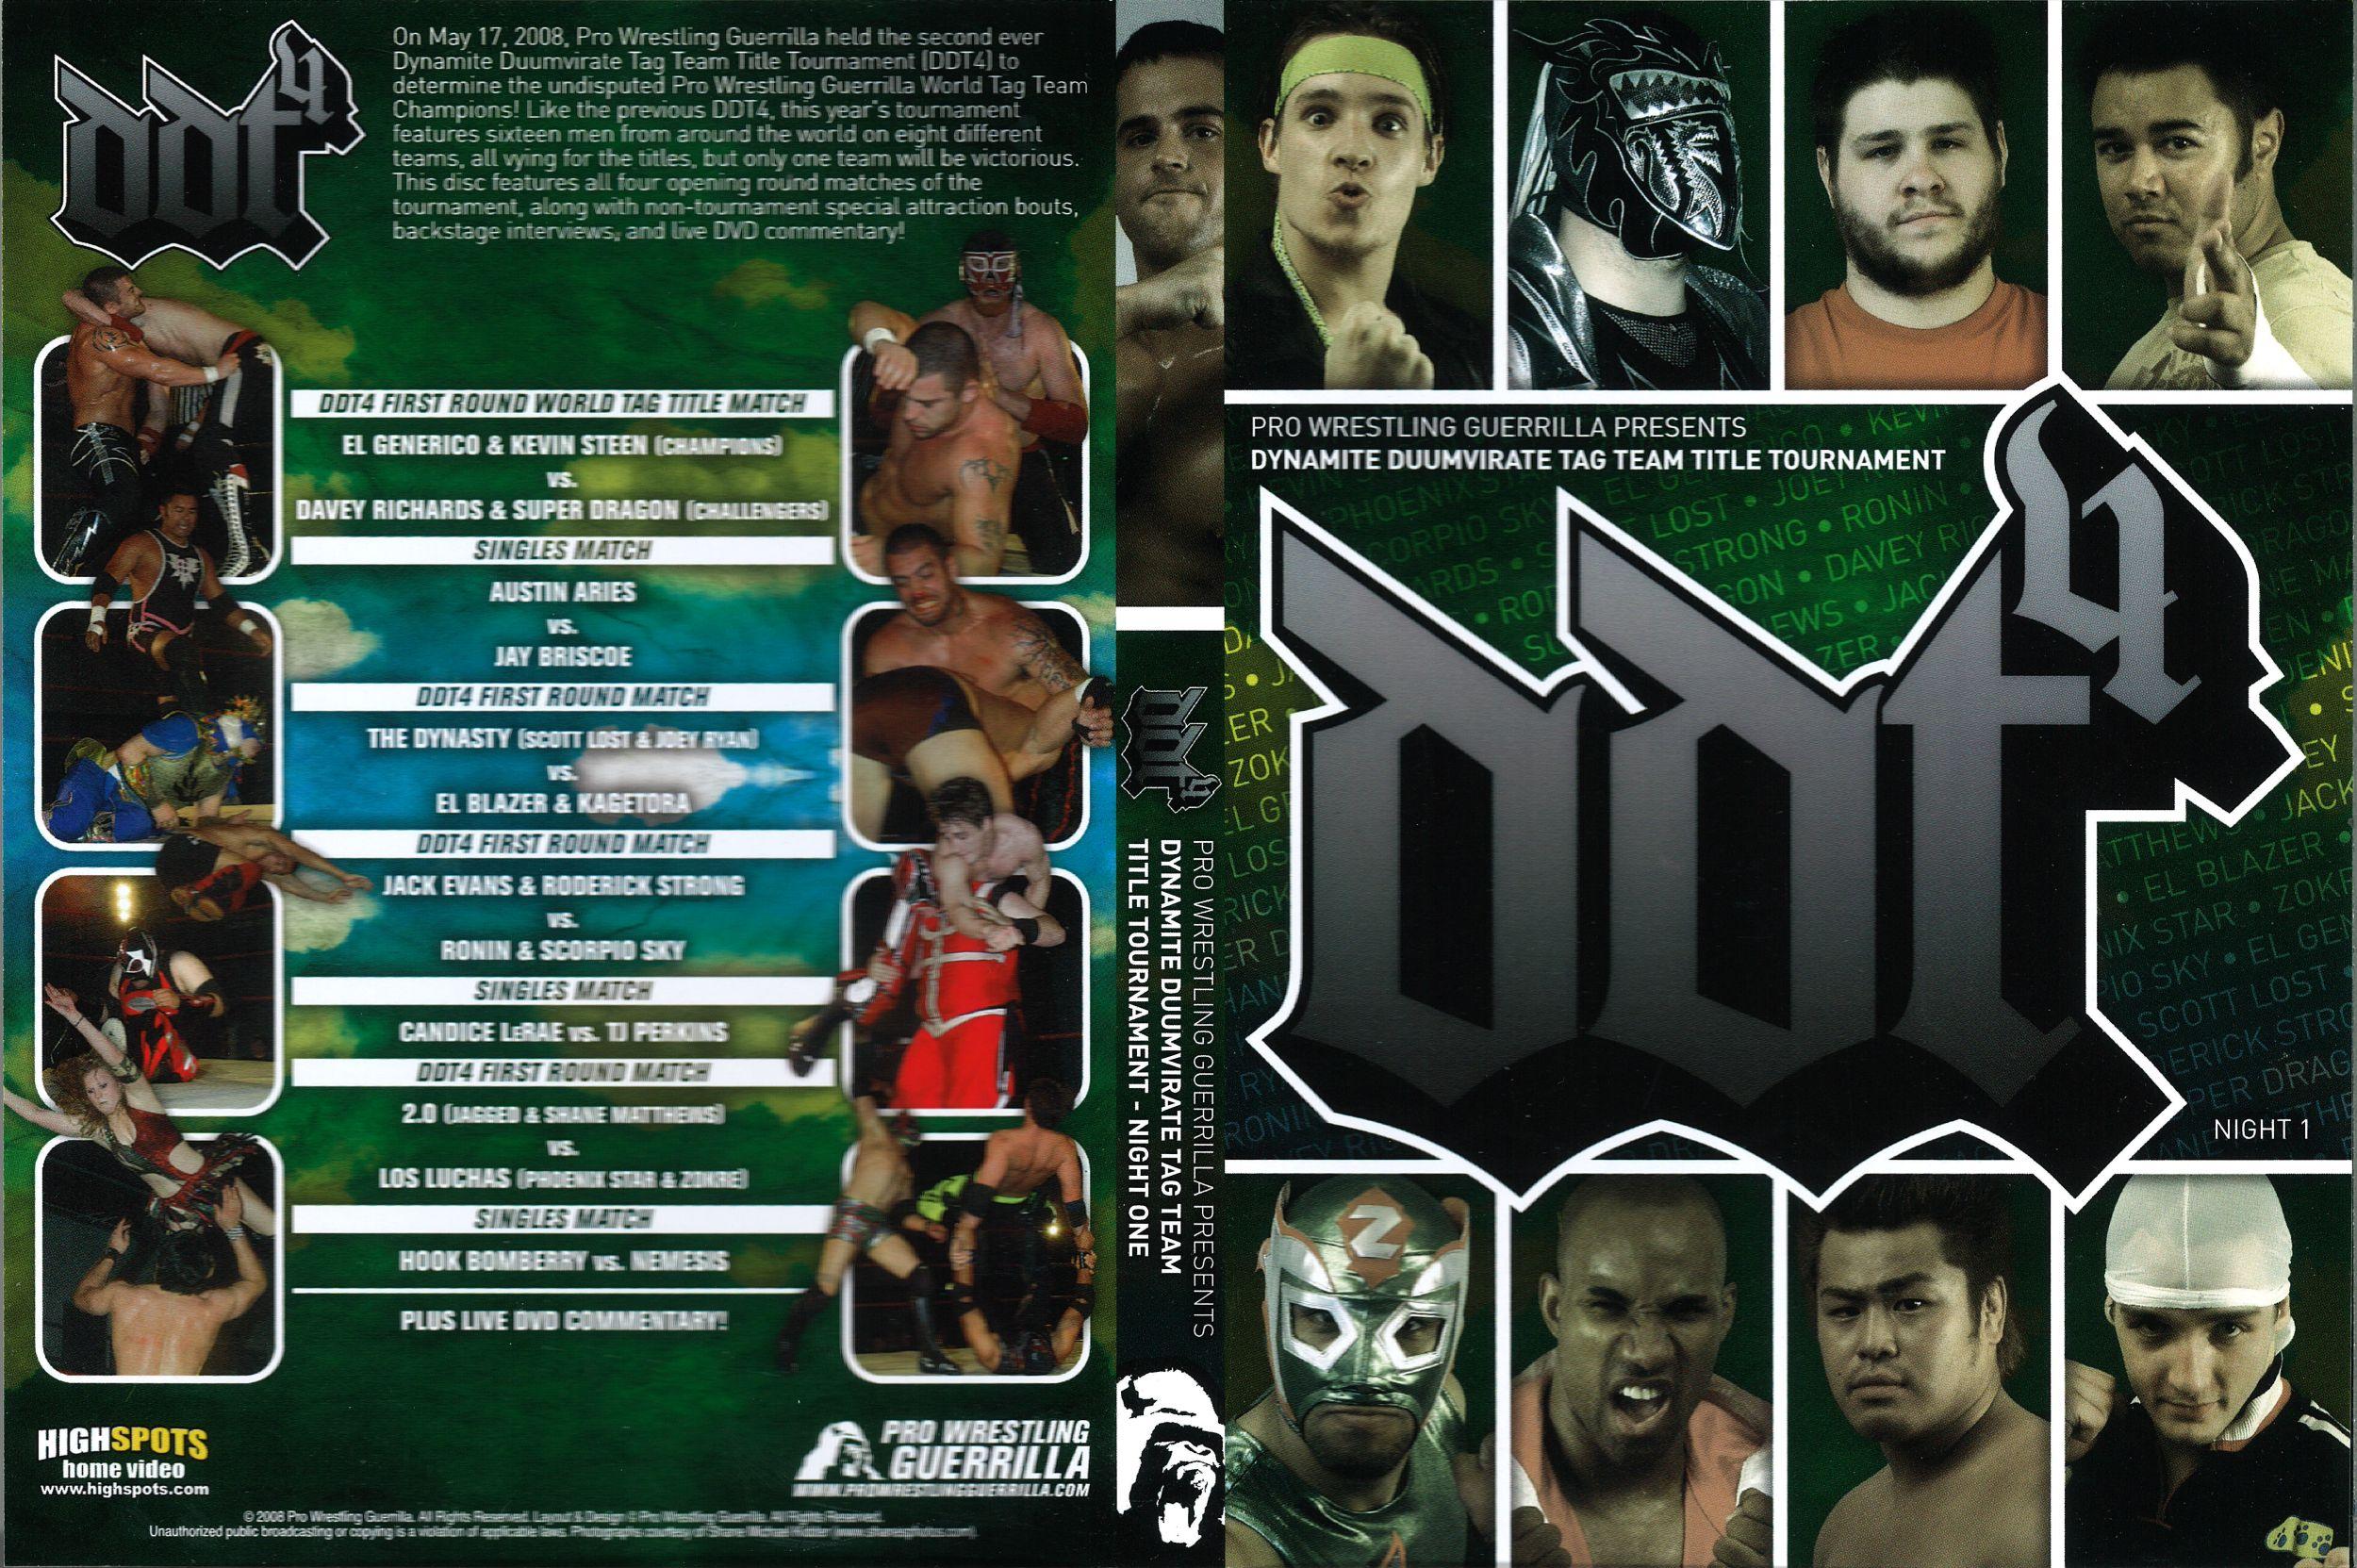 PWG.2008.05.17.Cover